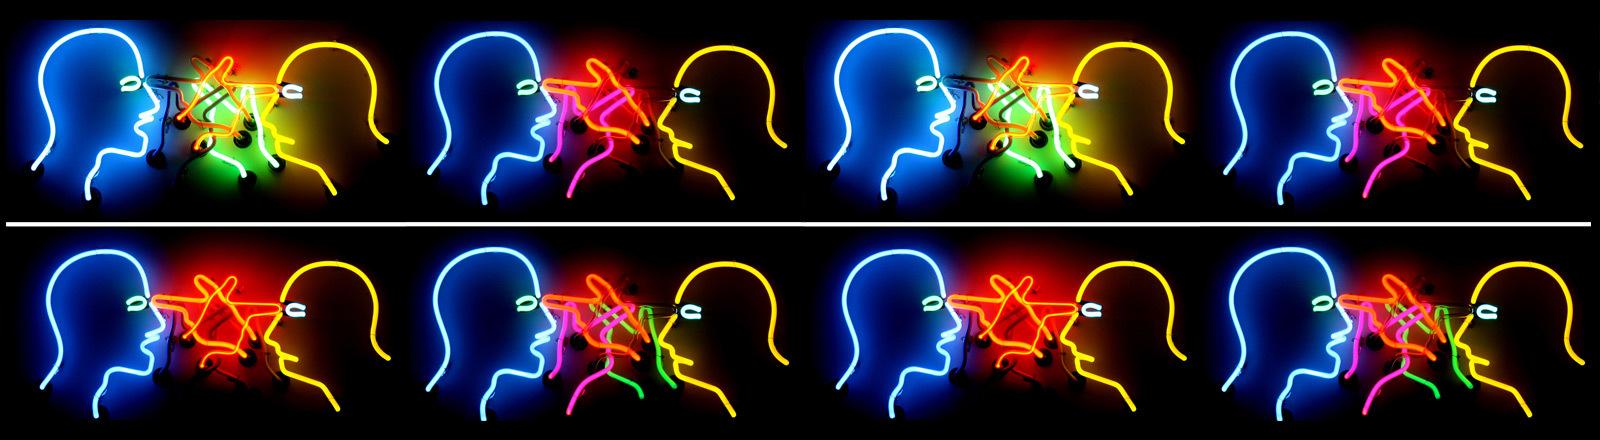 Eine Installation aus Neonröhren.